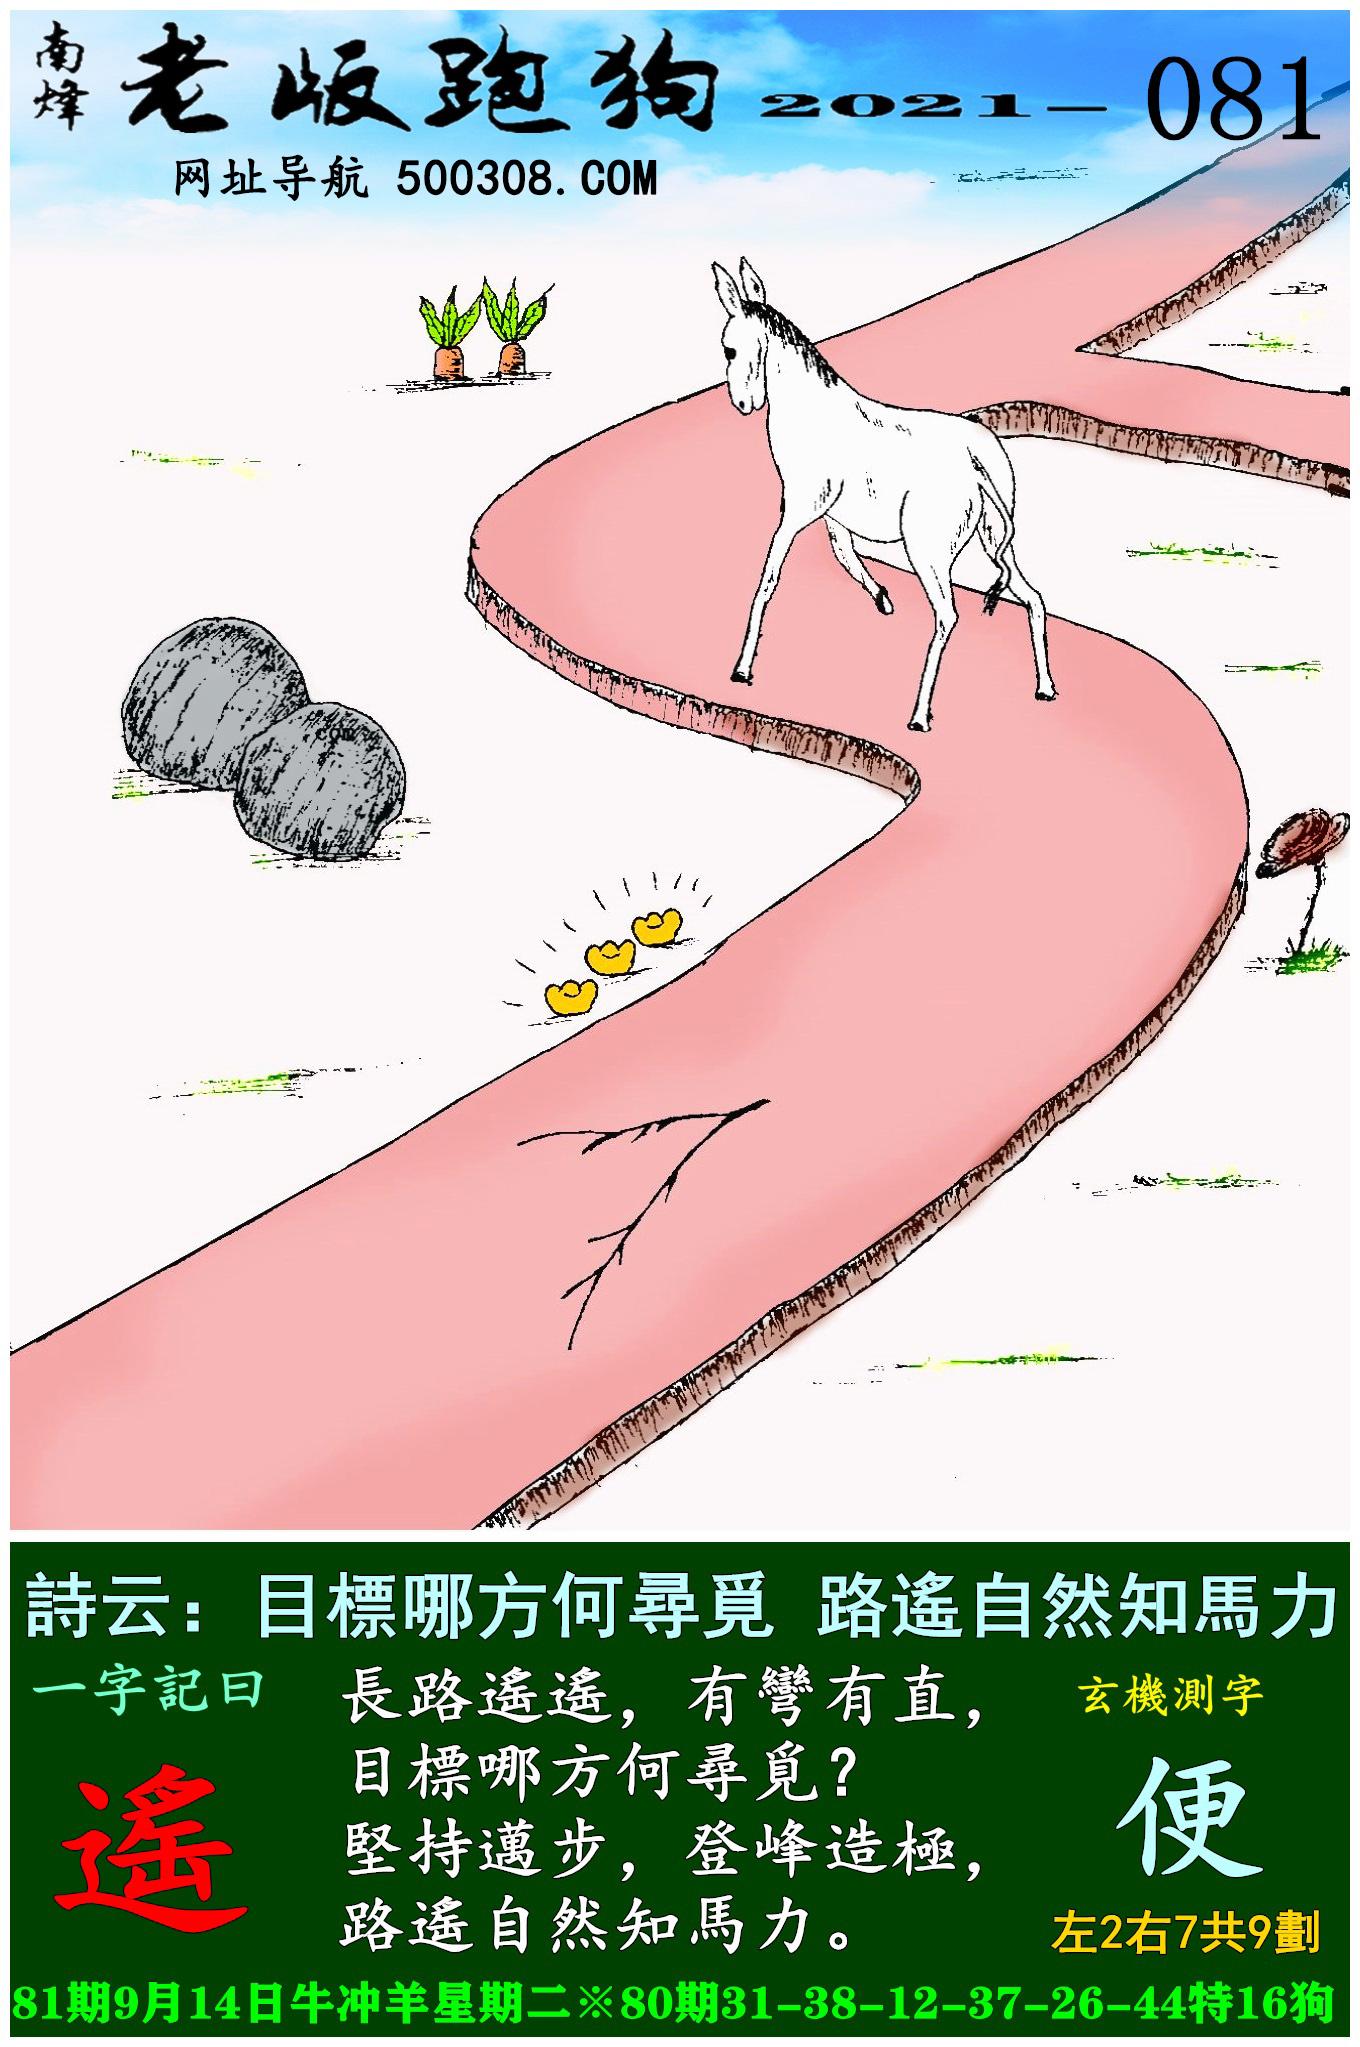 081期老版跑狗一字�之曰:【�b】 ��:目�四姆胶�ひ�,路遥自然知�R力。